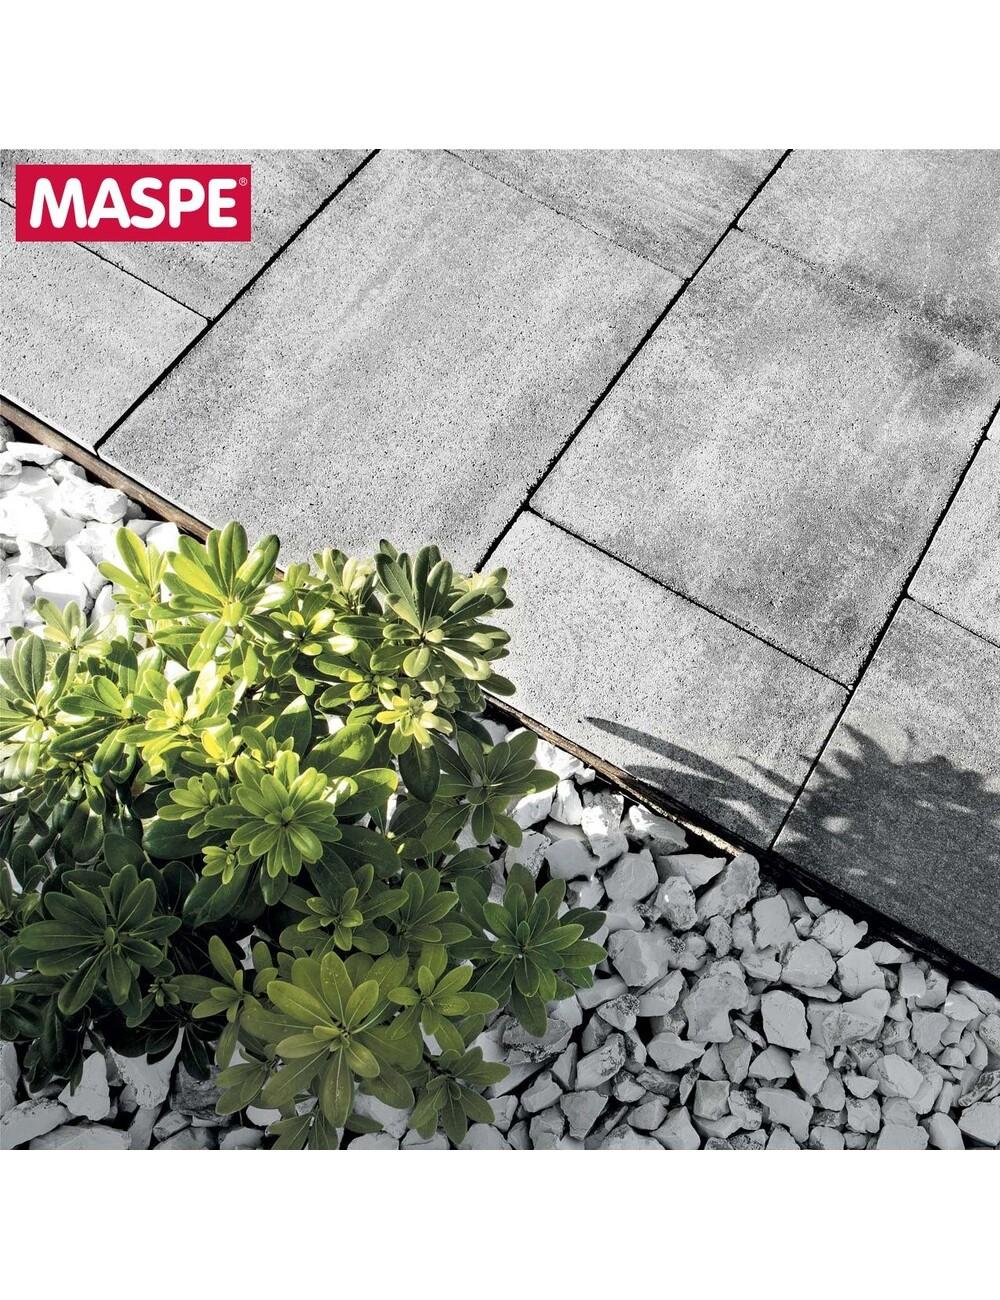 Particolare vialetto con massello autobloccante skema grigio serizzo Maspe